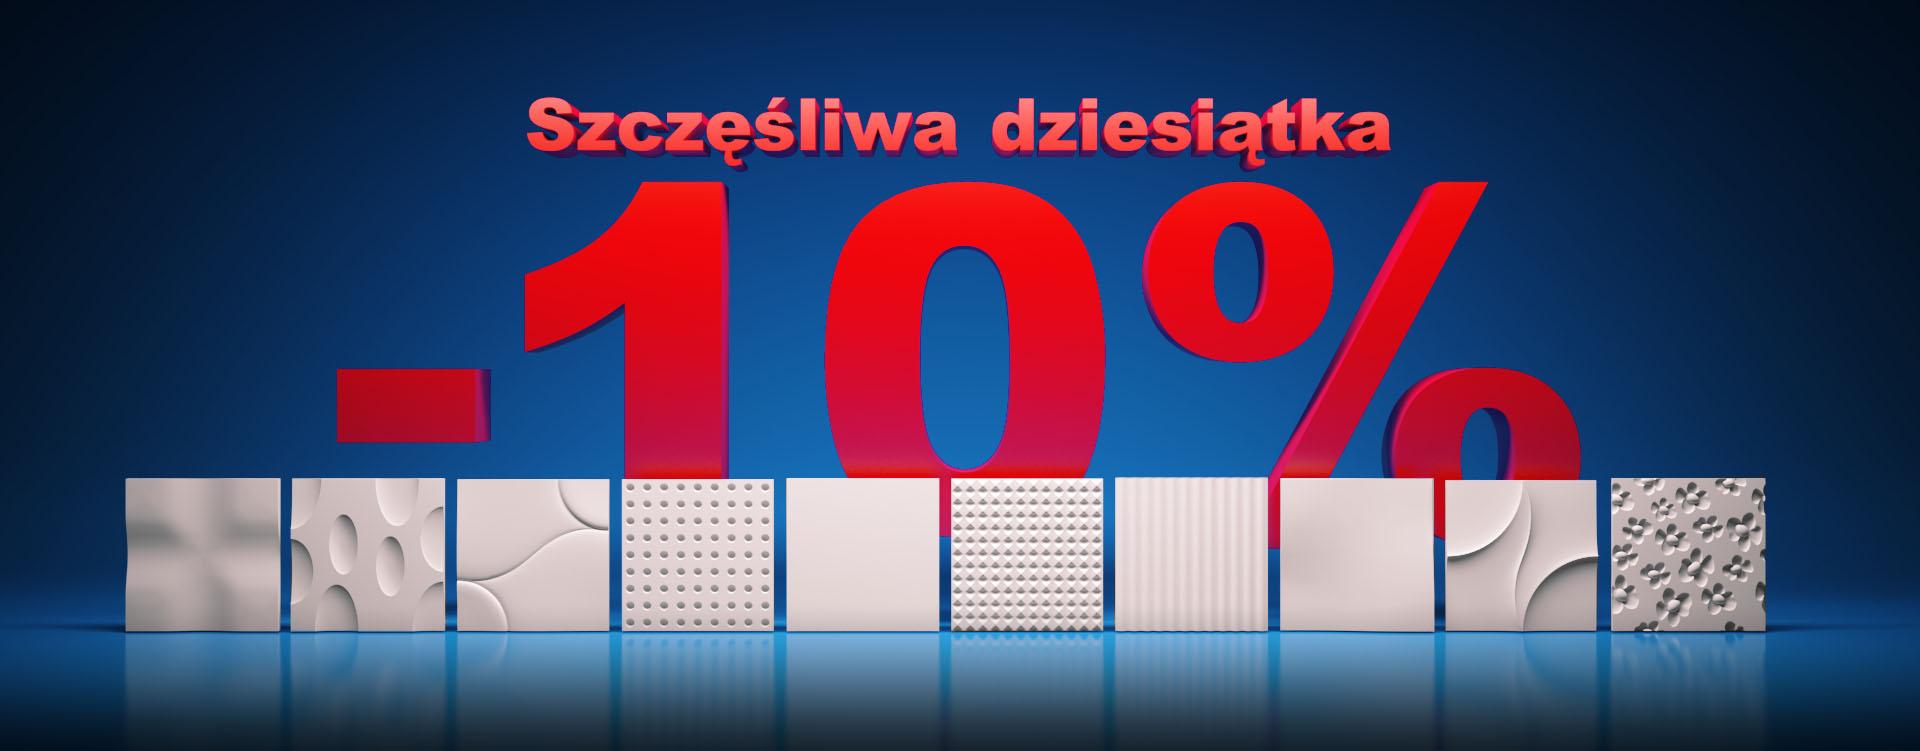 szczesliwa_10